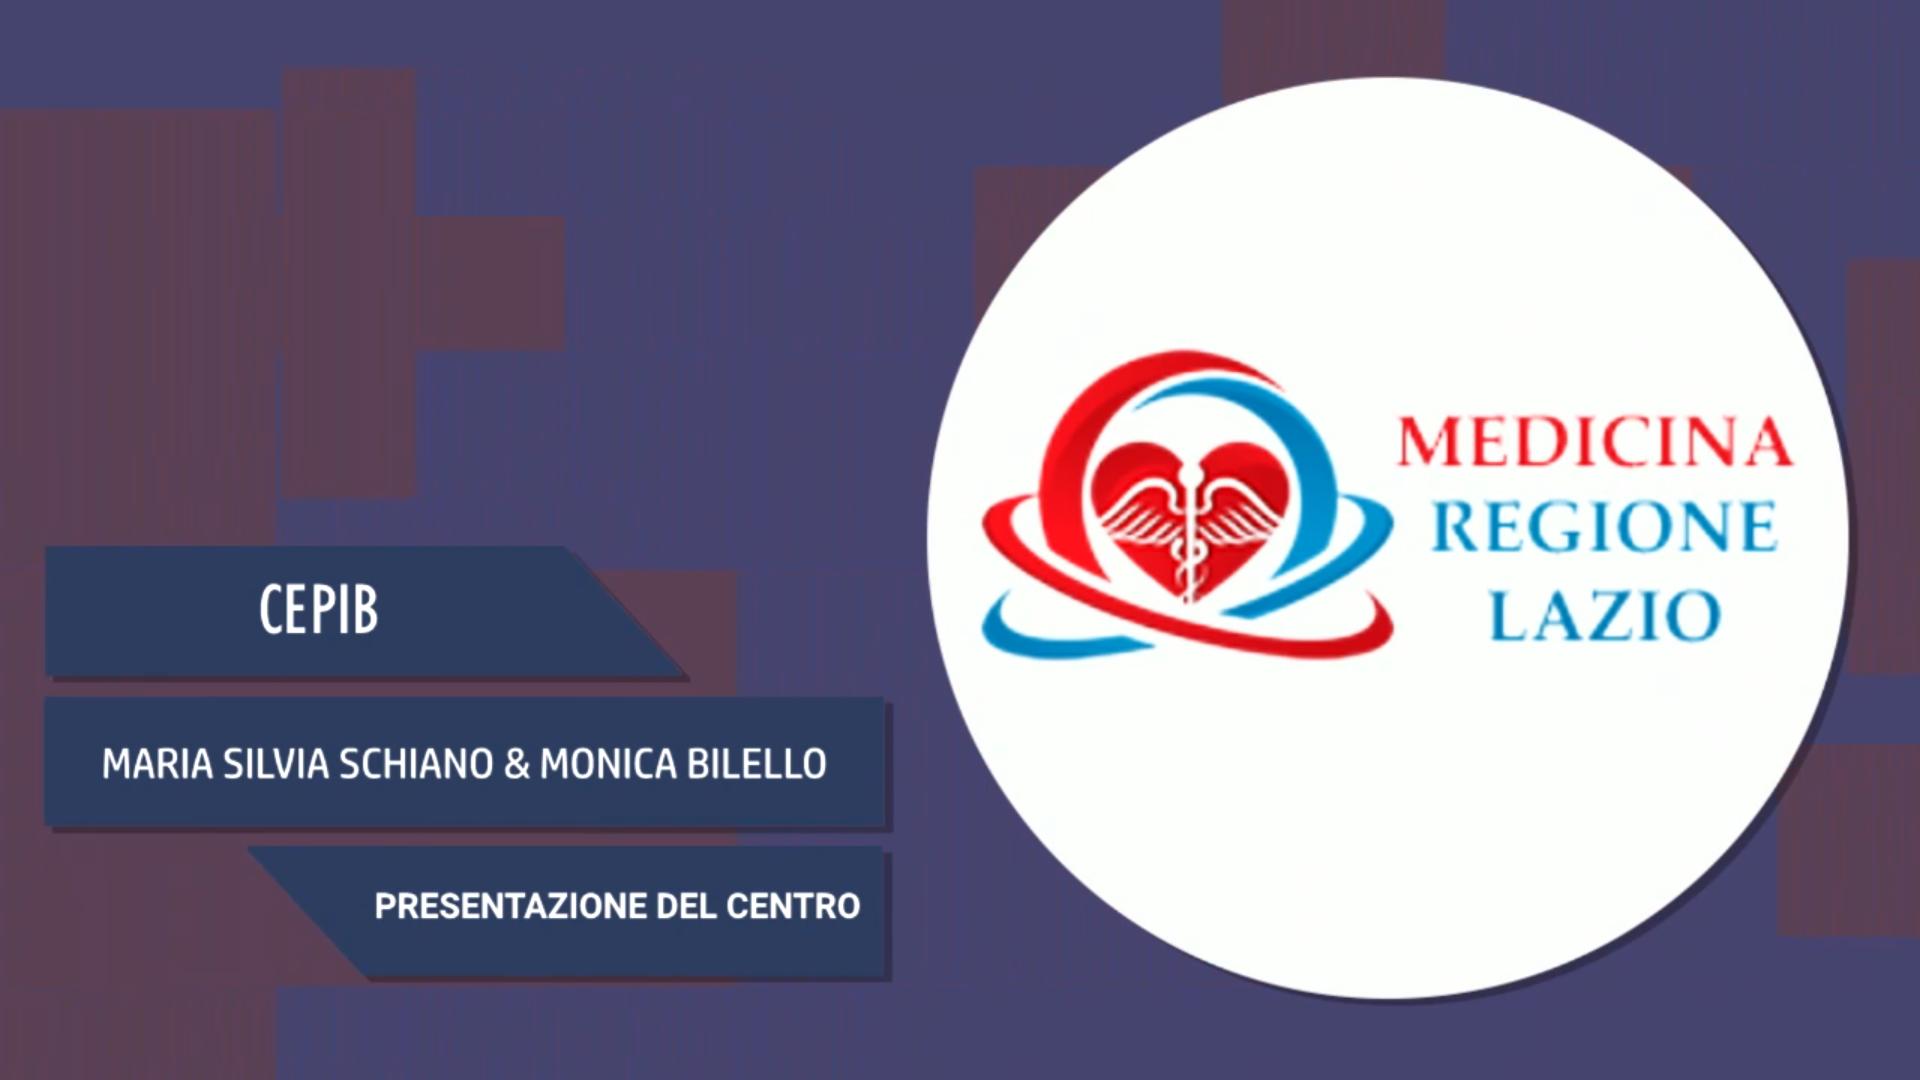 Intervista a Maria Silvia Schiano & Monica Bilello – Presentazione del centro